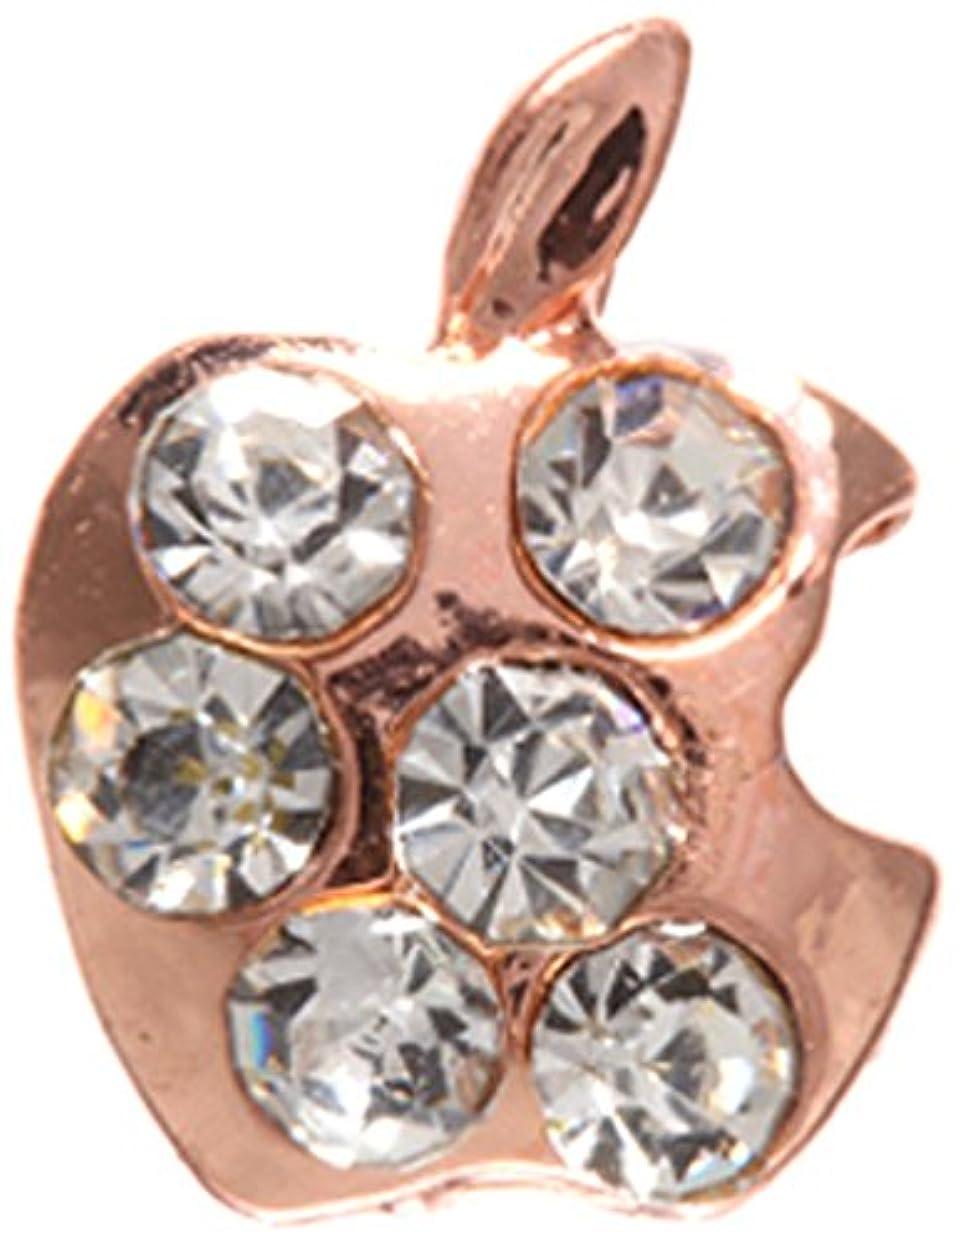 制限バンドル素晴らしいアップル クリスタル(各2個) ピンクゴールド